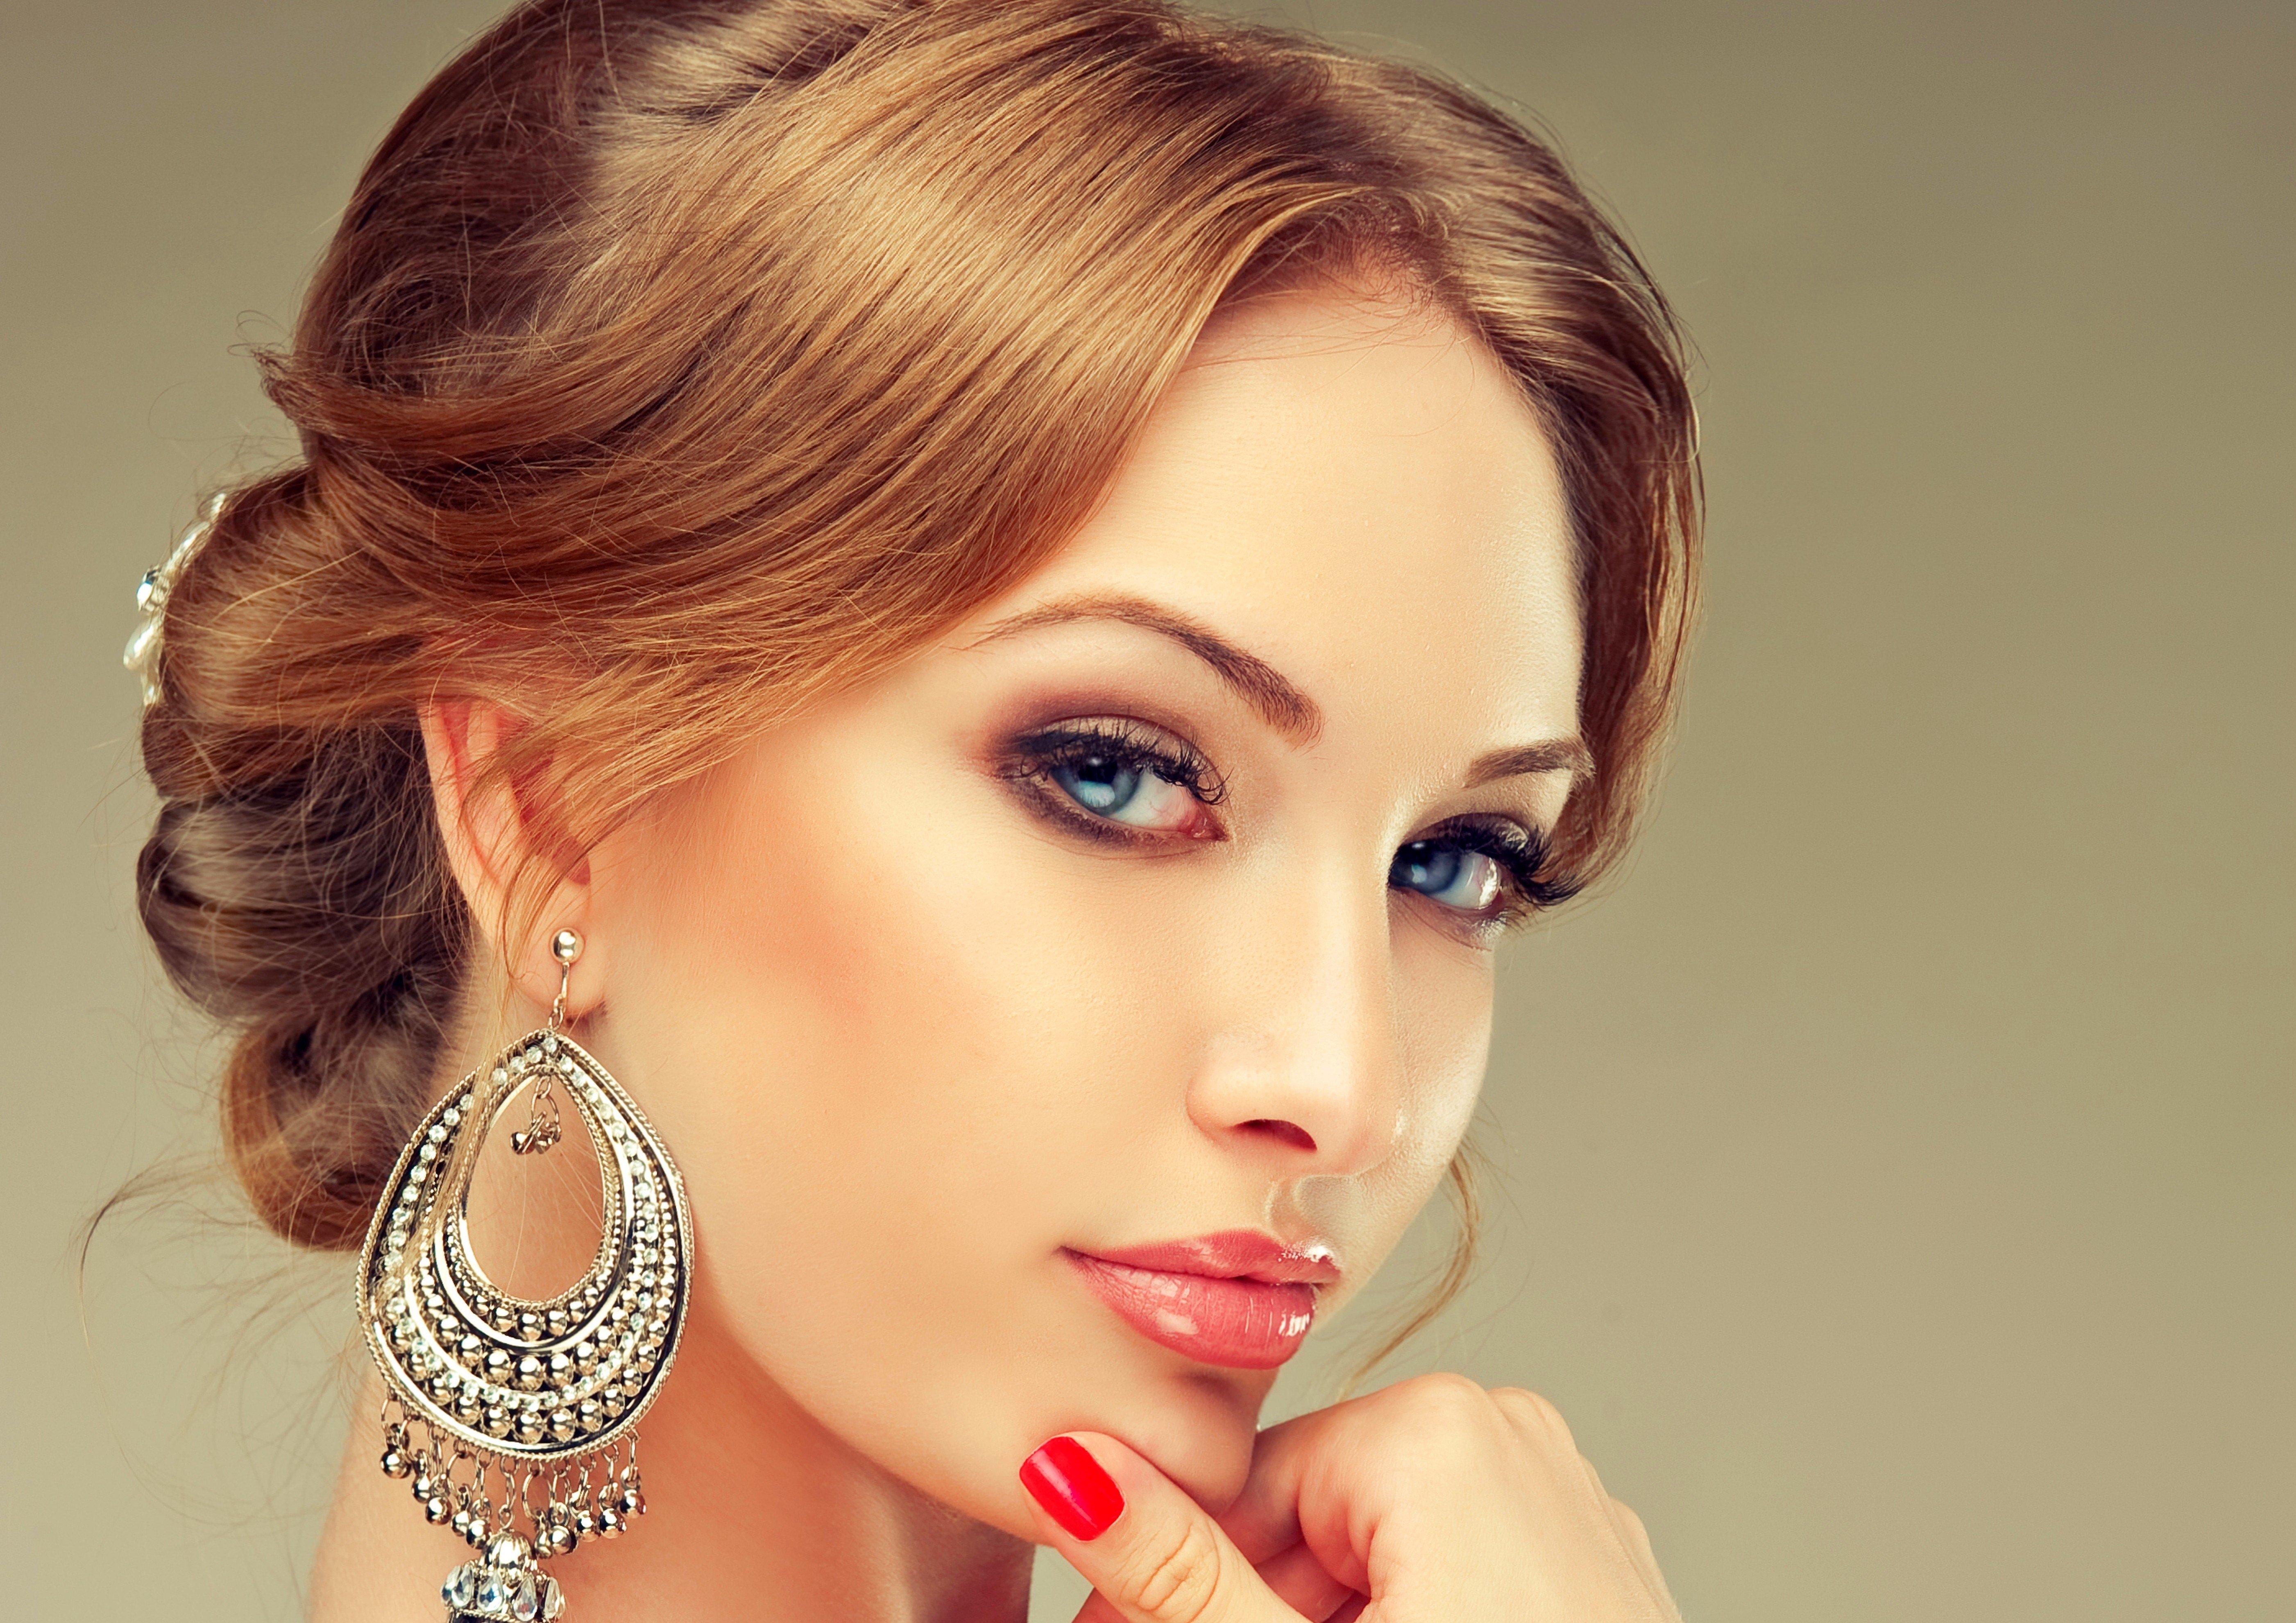 Face, Women, Lips, Jewelry, Blue Eyes, Redhead, Earrings -5540